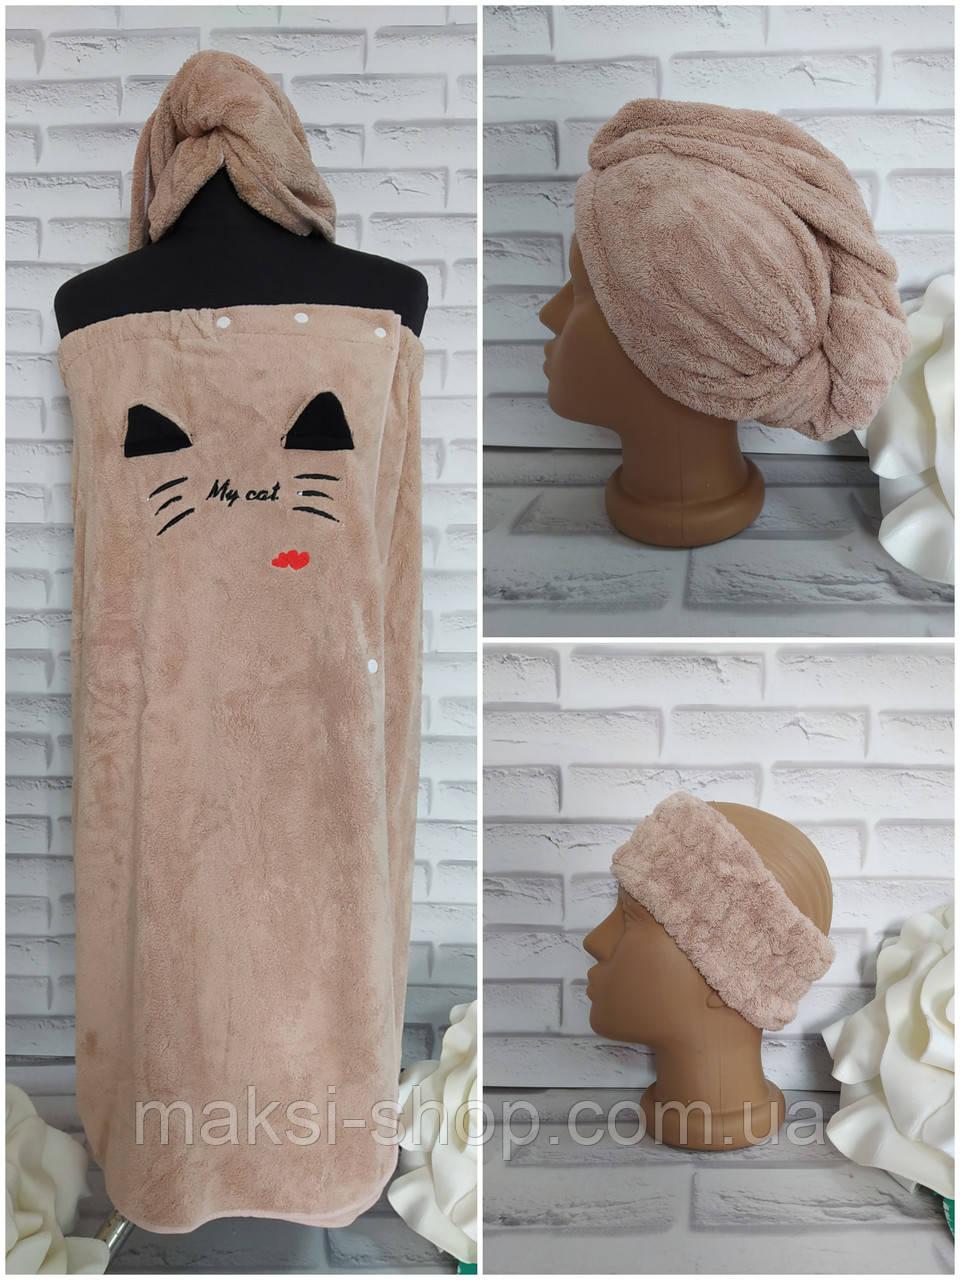 Набор для сауны бани 3в1 полотенце плюш микрофибра р. 75х125 см с челмой и повязкой для волос